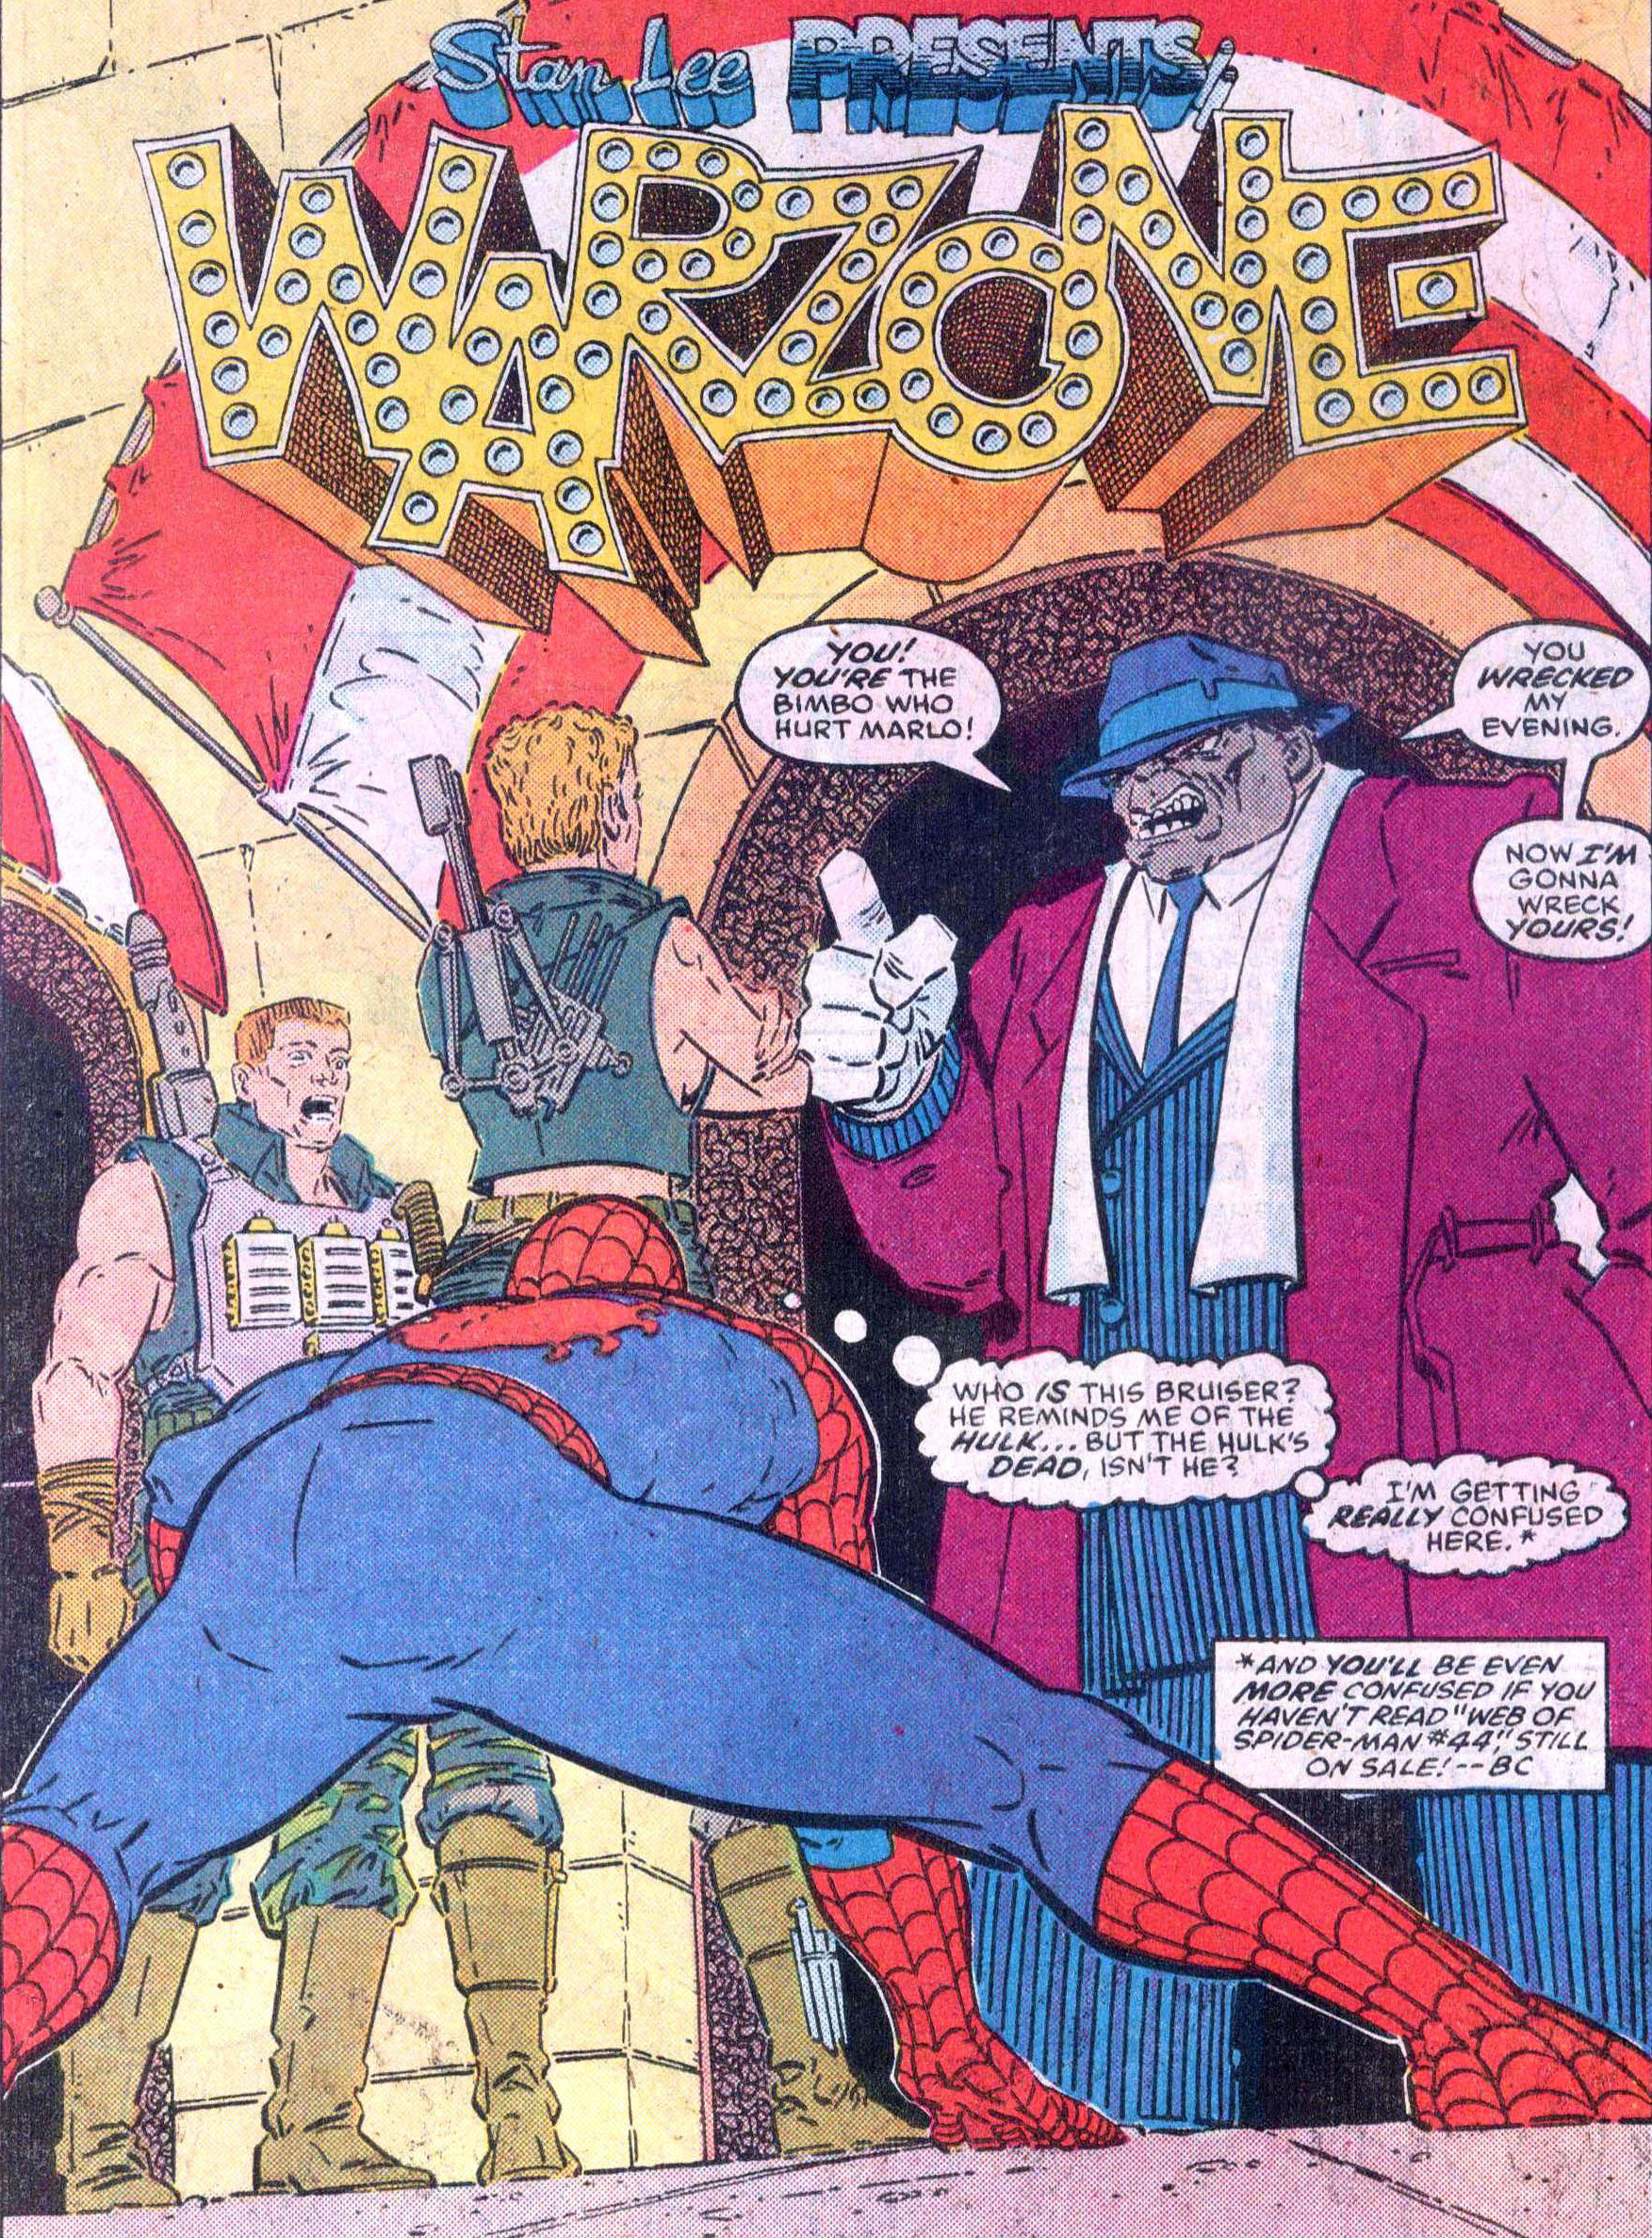 Hulk Visionaries Peter David Volume 3 review